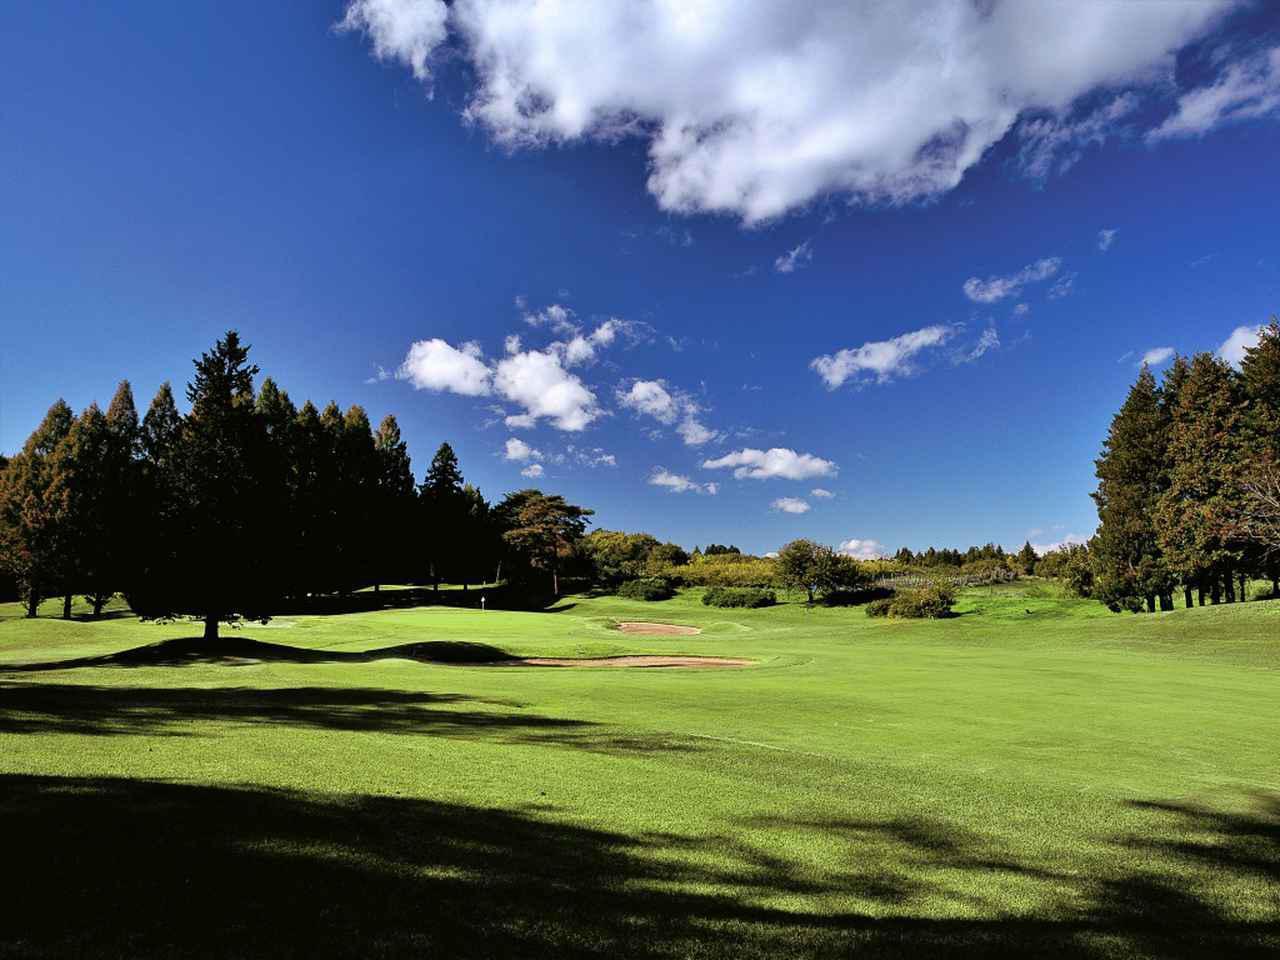 画像: 【浅見ゴルフ倶楽部】水戸郊外の丘陵地に12の池が点在。浅見緑蔵プロが理想とするゴルフ場を自ら建設。昭和49年、浅見緑蔵設計 - ゴルフへ行こうWEB by ゴルフダイジェスト